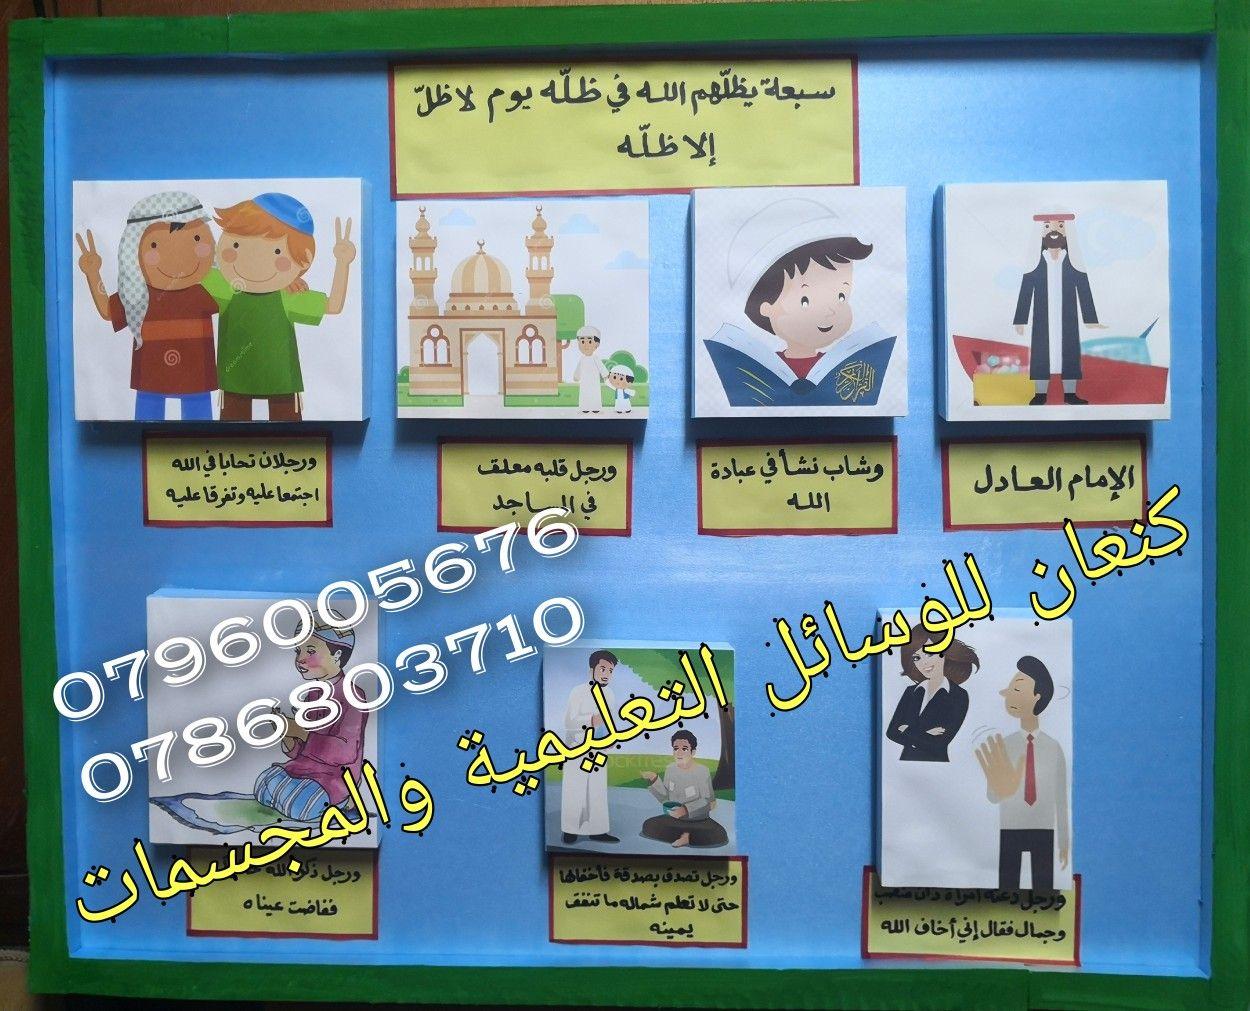 لوحة دينية عن السبعة الذين يظلهم الله في ظله Classroom Rules Poster Classroom Rules Classroom